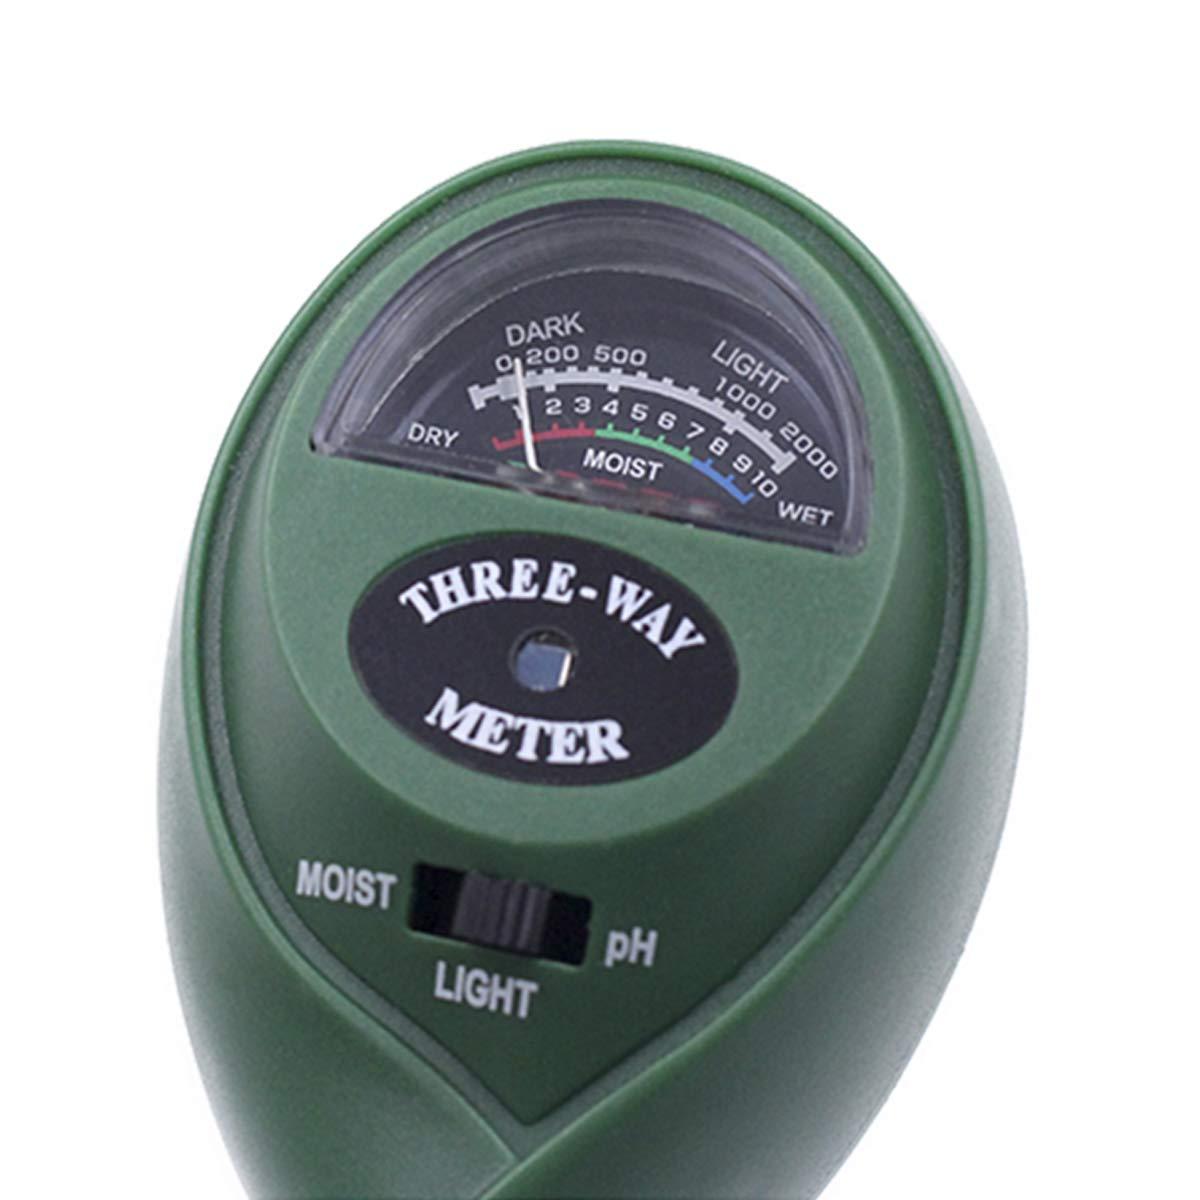 Pflanzen-Bodentester Indoor /& Outdoor Dooppa Bodentester Licht- und pH-S/äure-Tester 3-in-1 Bodenfeuchtigkeitsmesser Kit f/ür Garten Farm Rasen